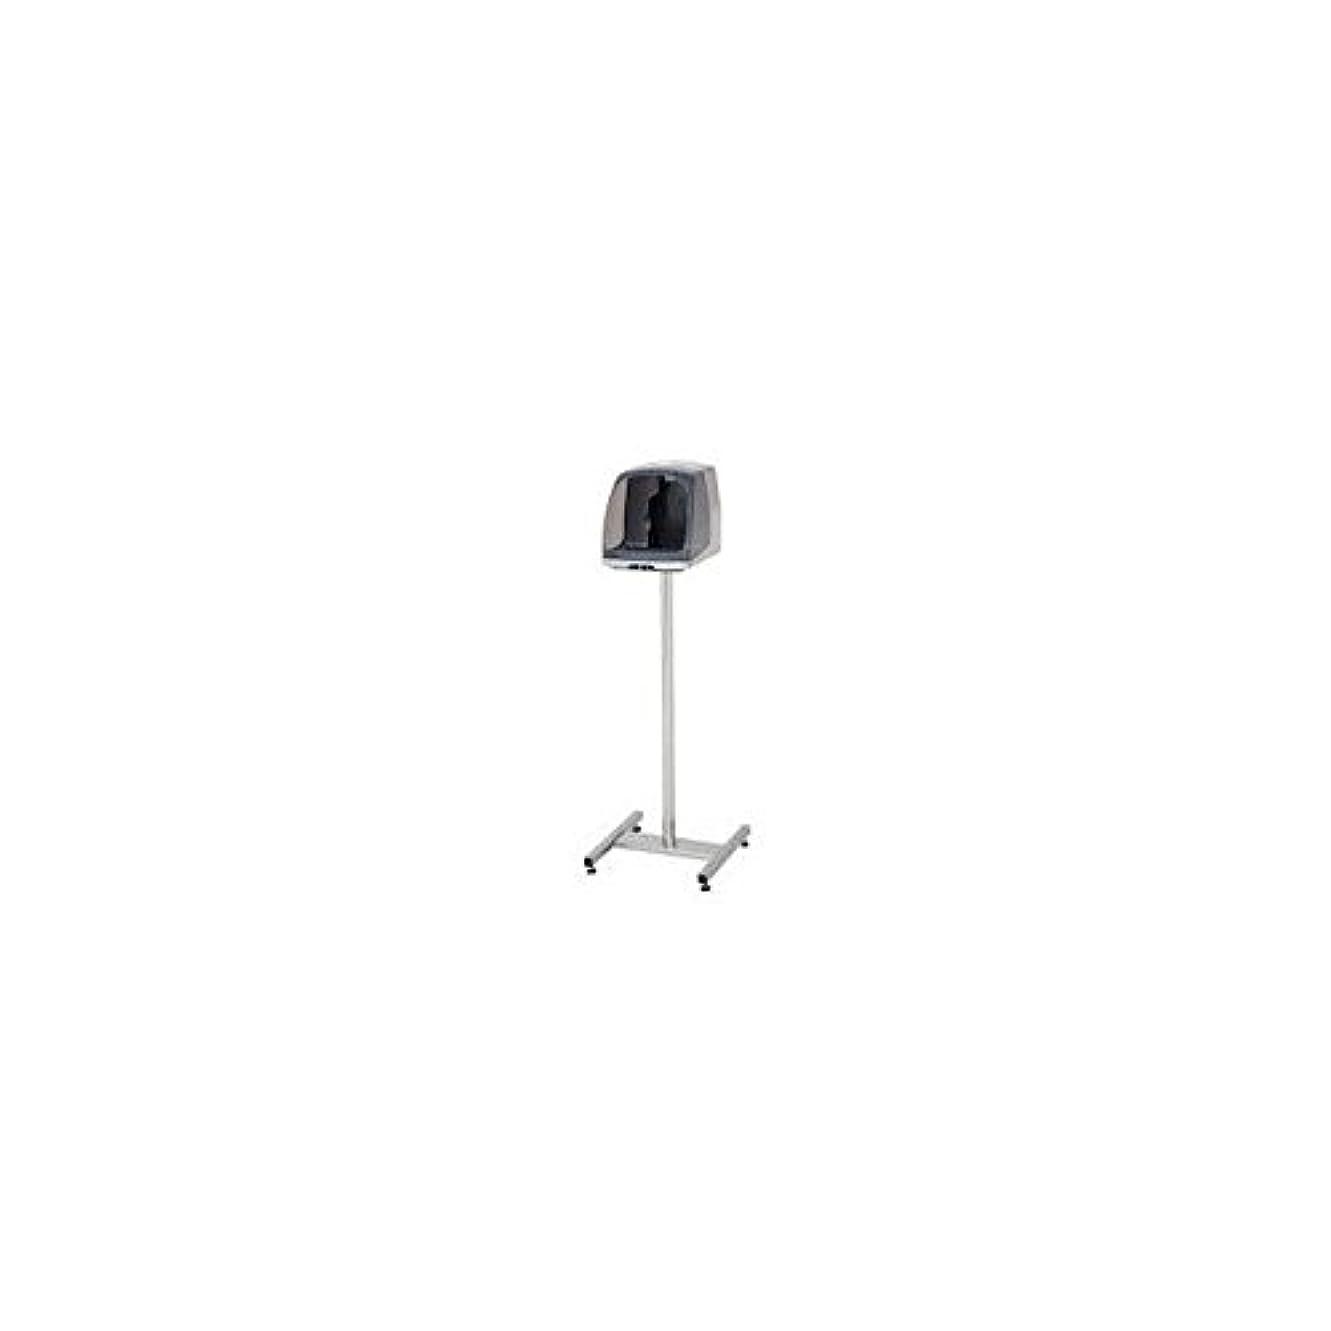 ベーカリー責任者オリエンタル自動手指消毒器 HDI-9000用 架台スタンド キャスターなし 【品番】XSY8501